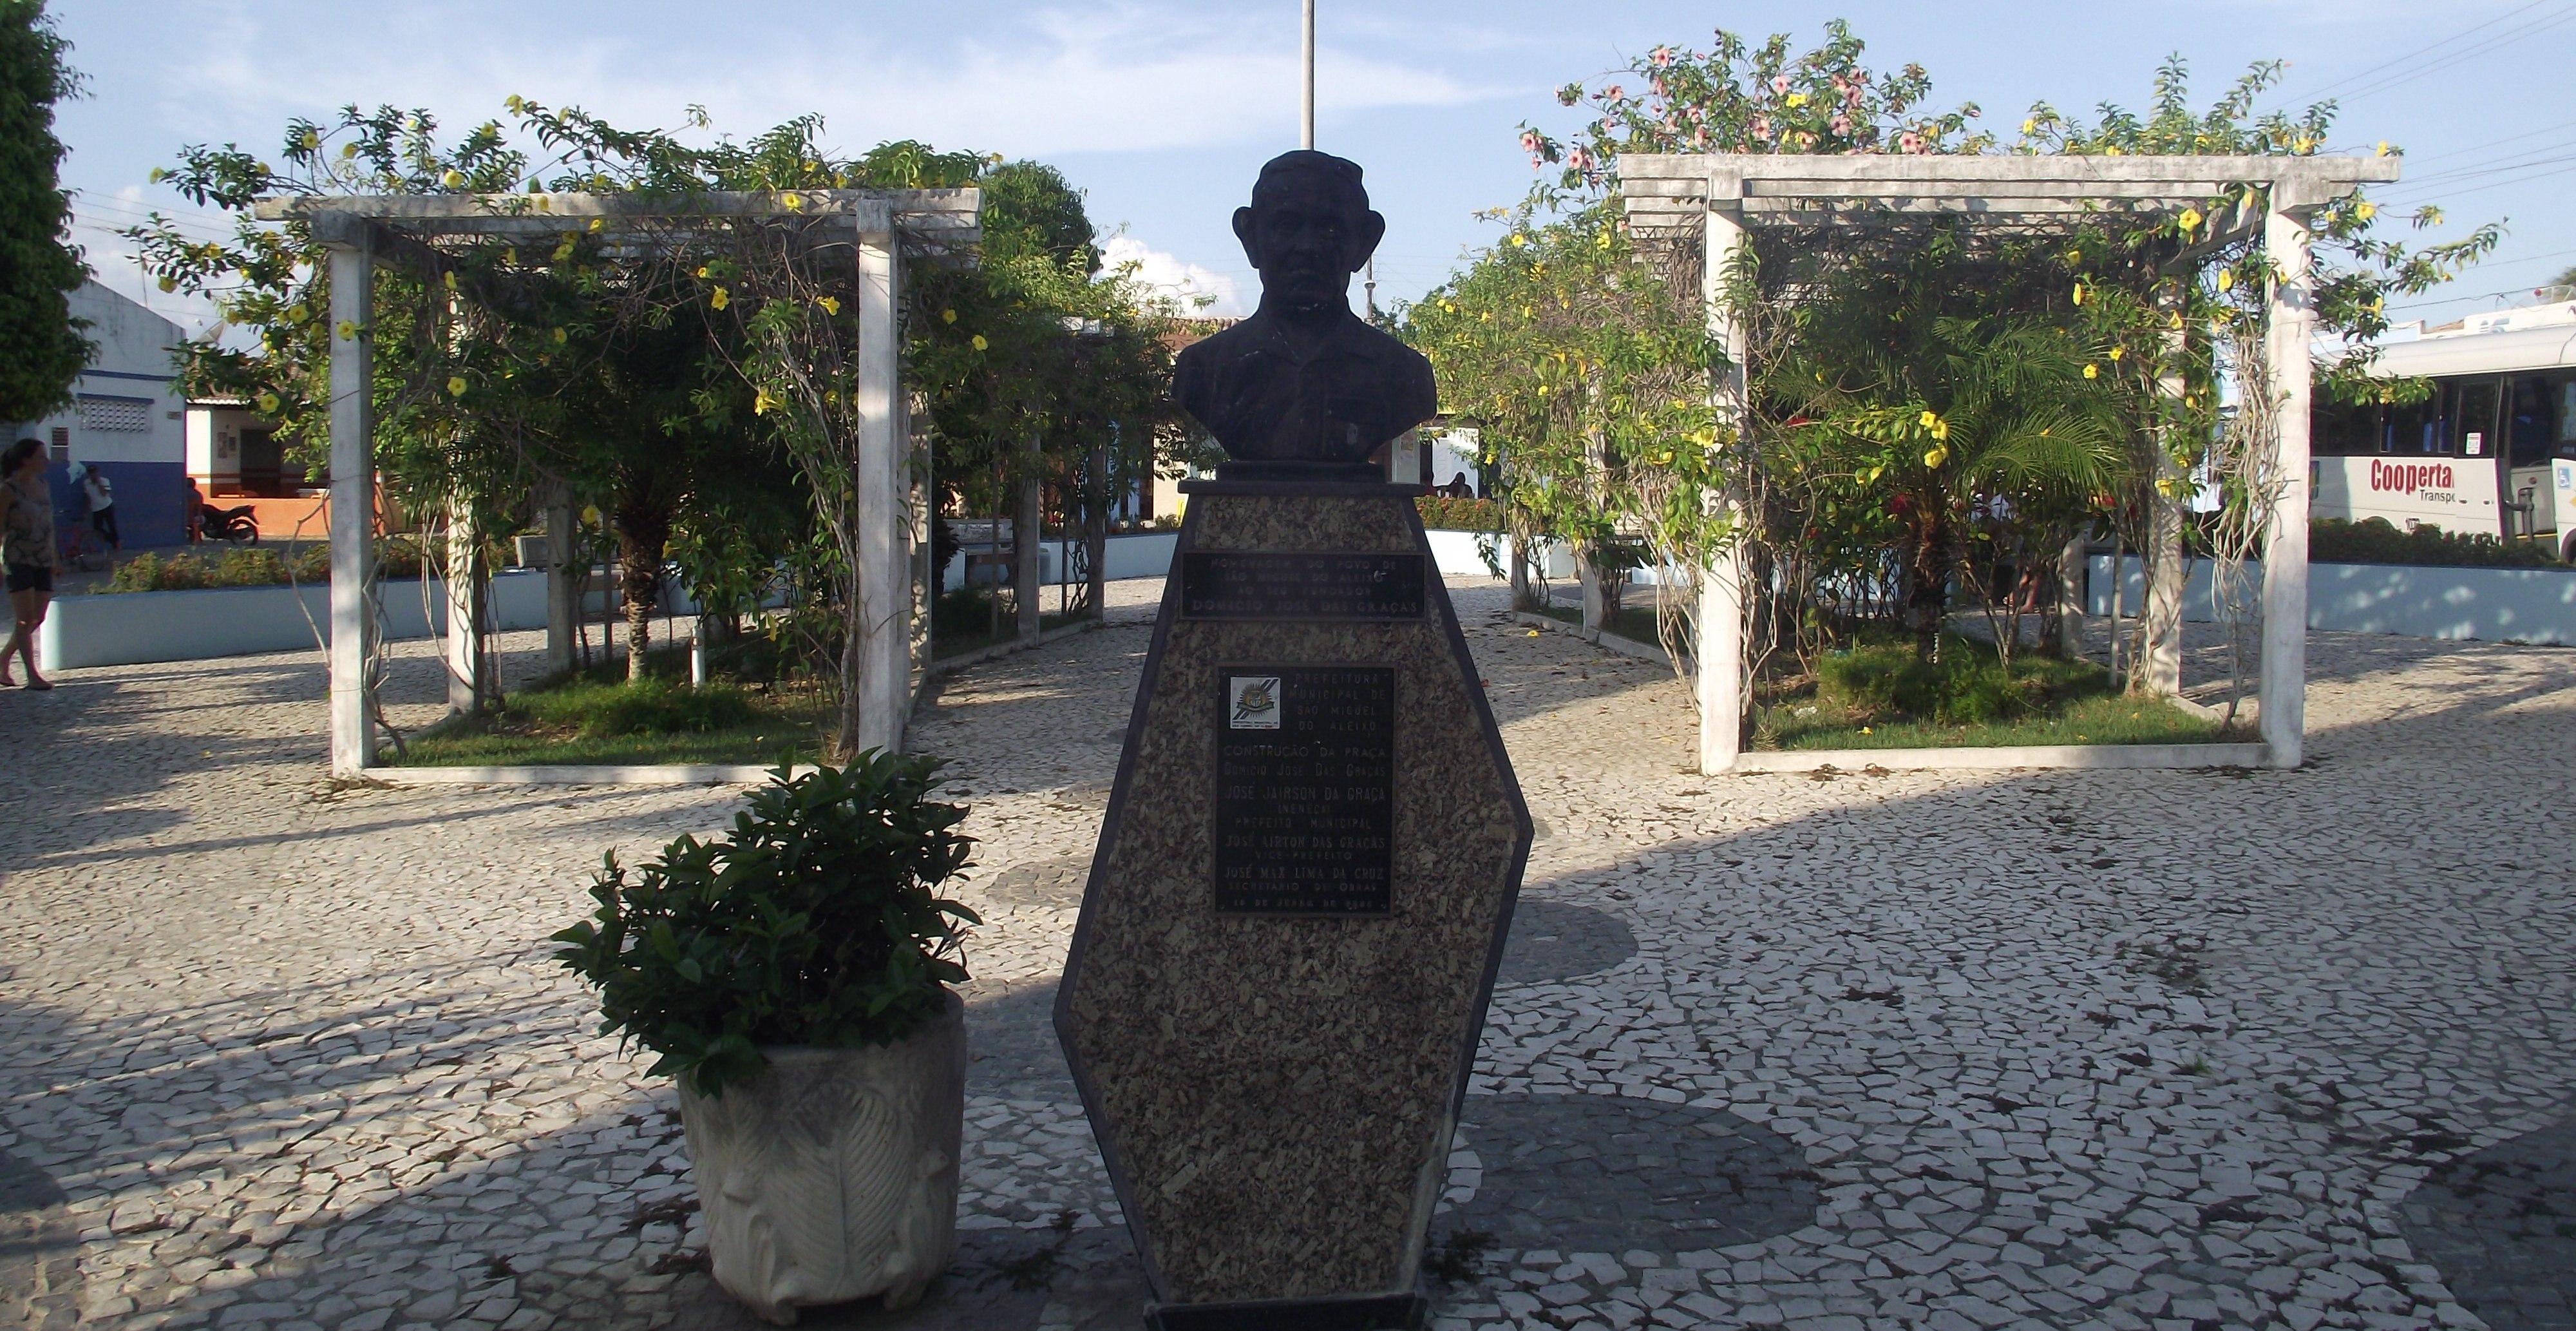 São Miguel do Aleixo Sergipe fonte: misscheckindotcom1.files.wordpress.com